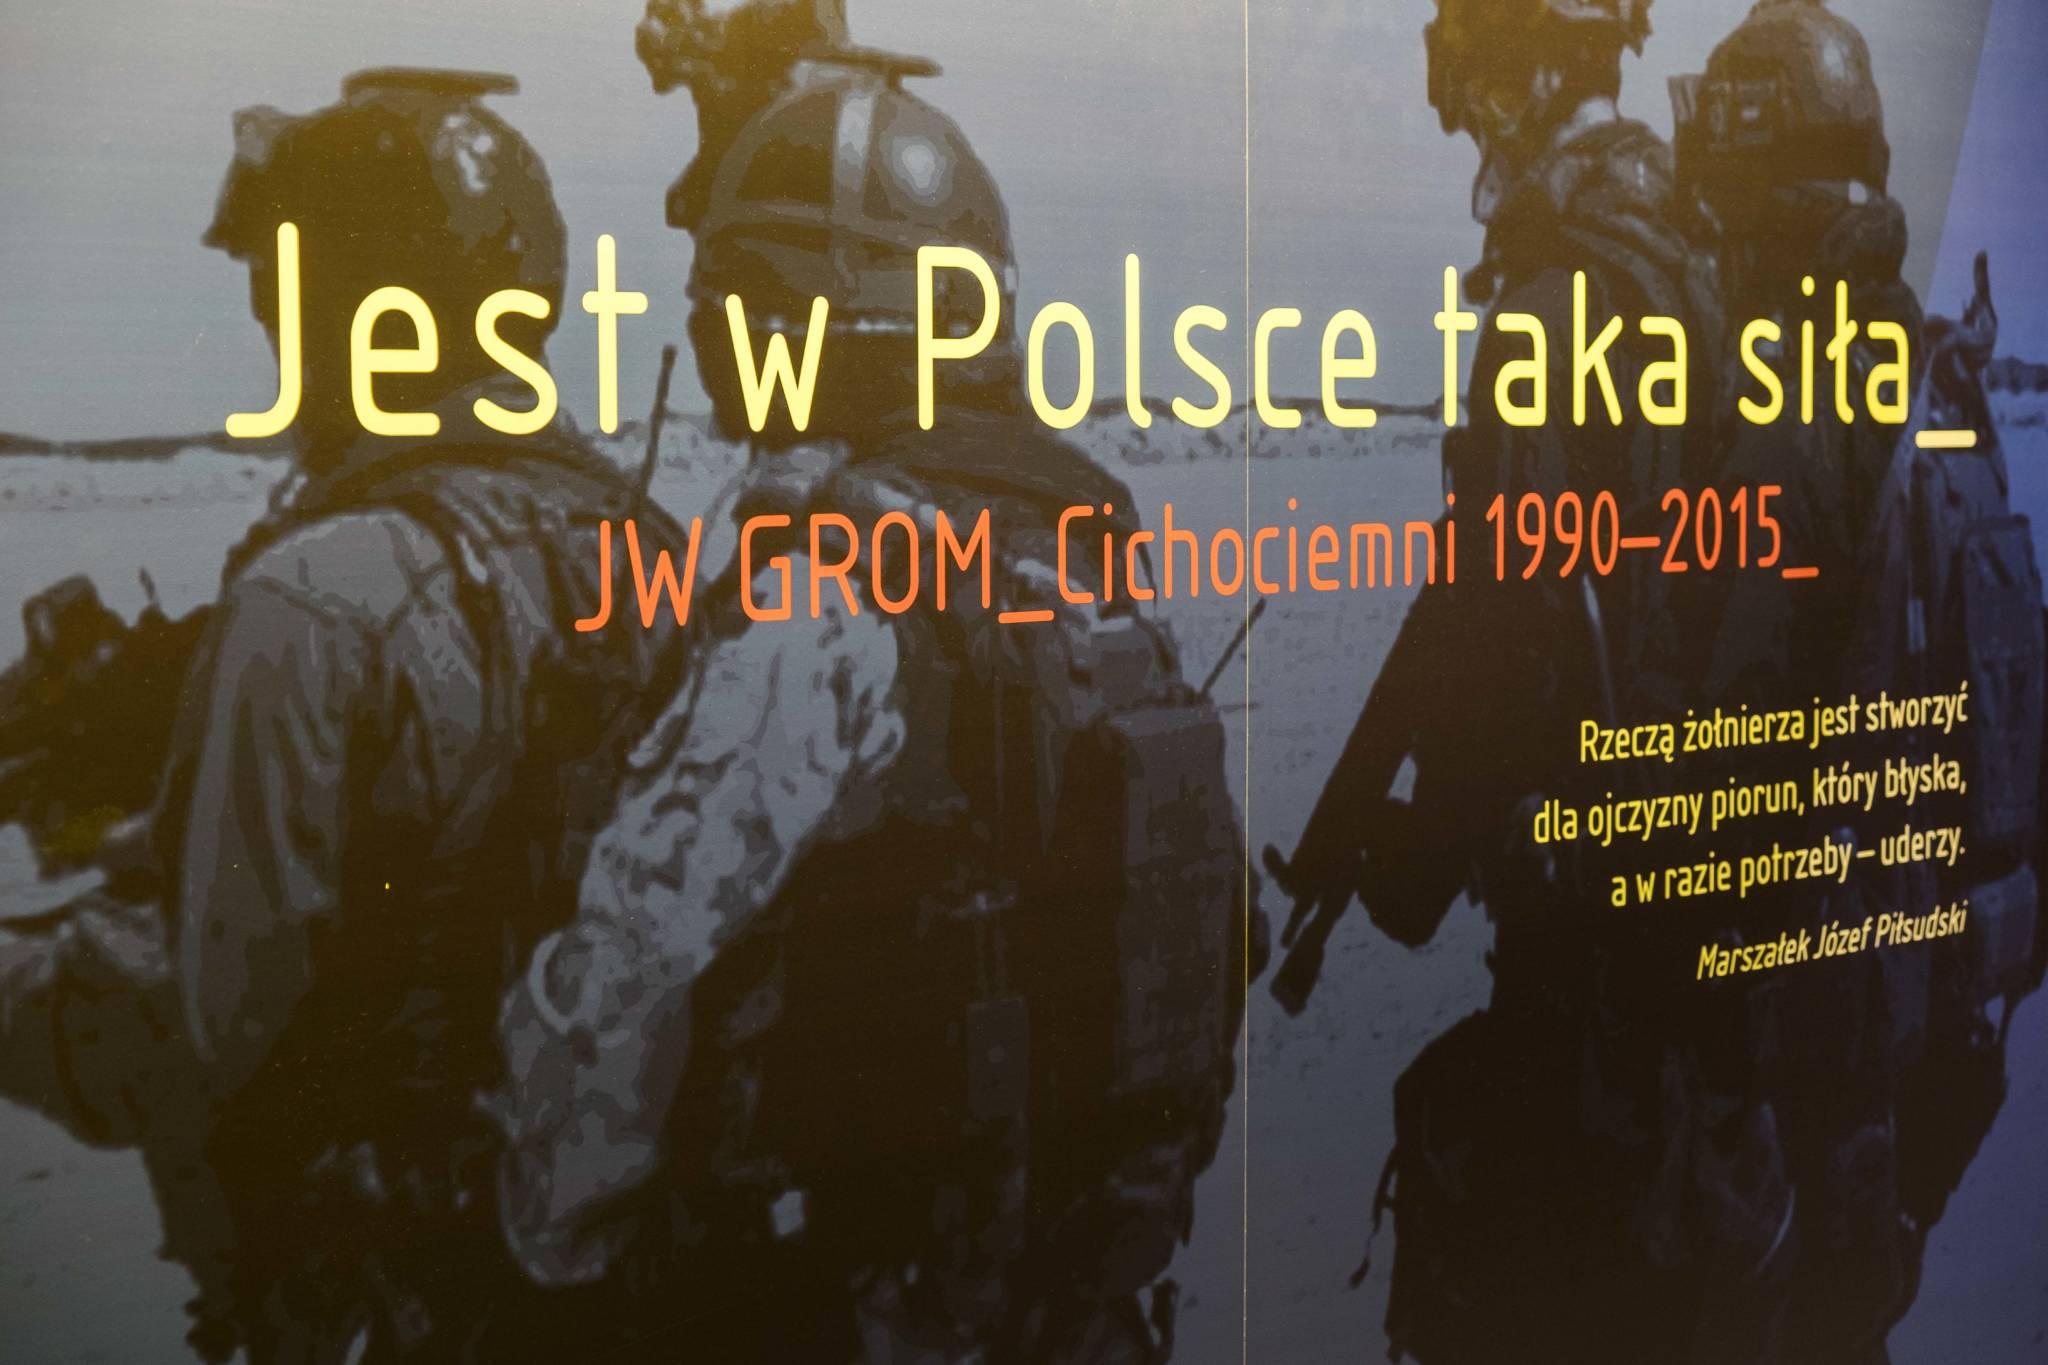 Muzeum Powstania Warszawskiego lr (28 of 37)